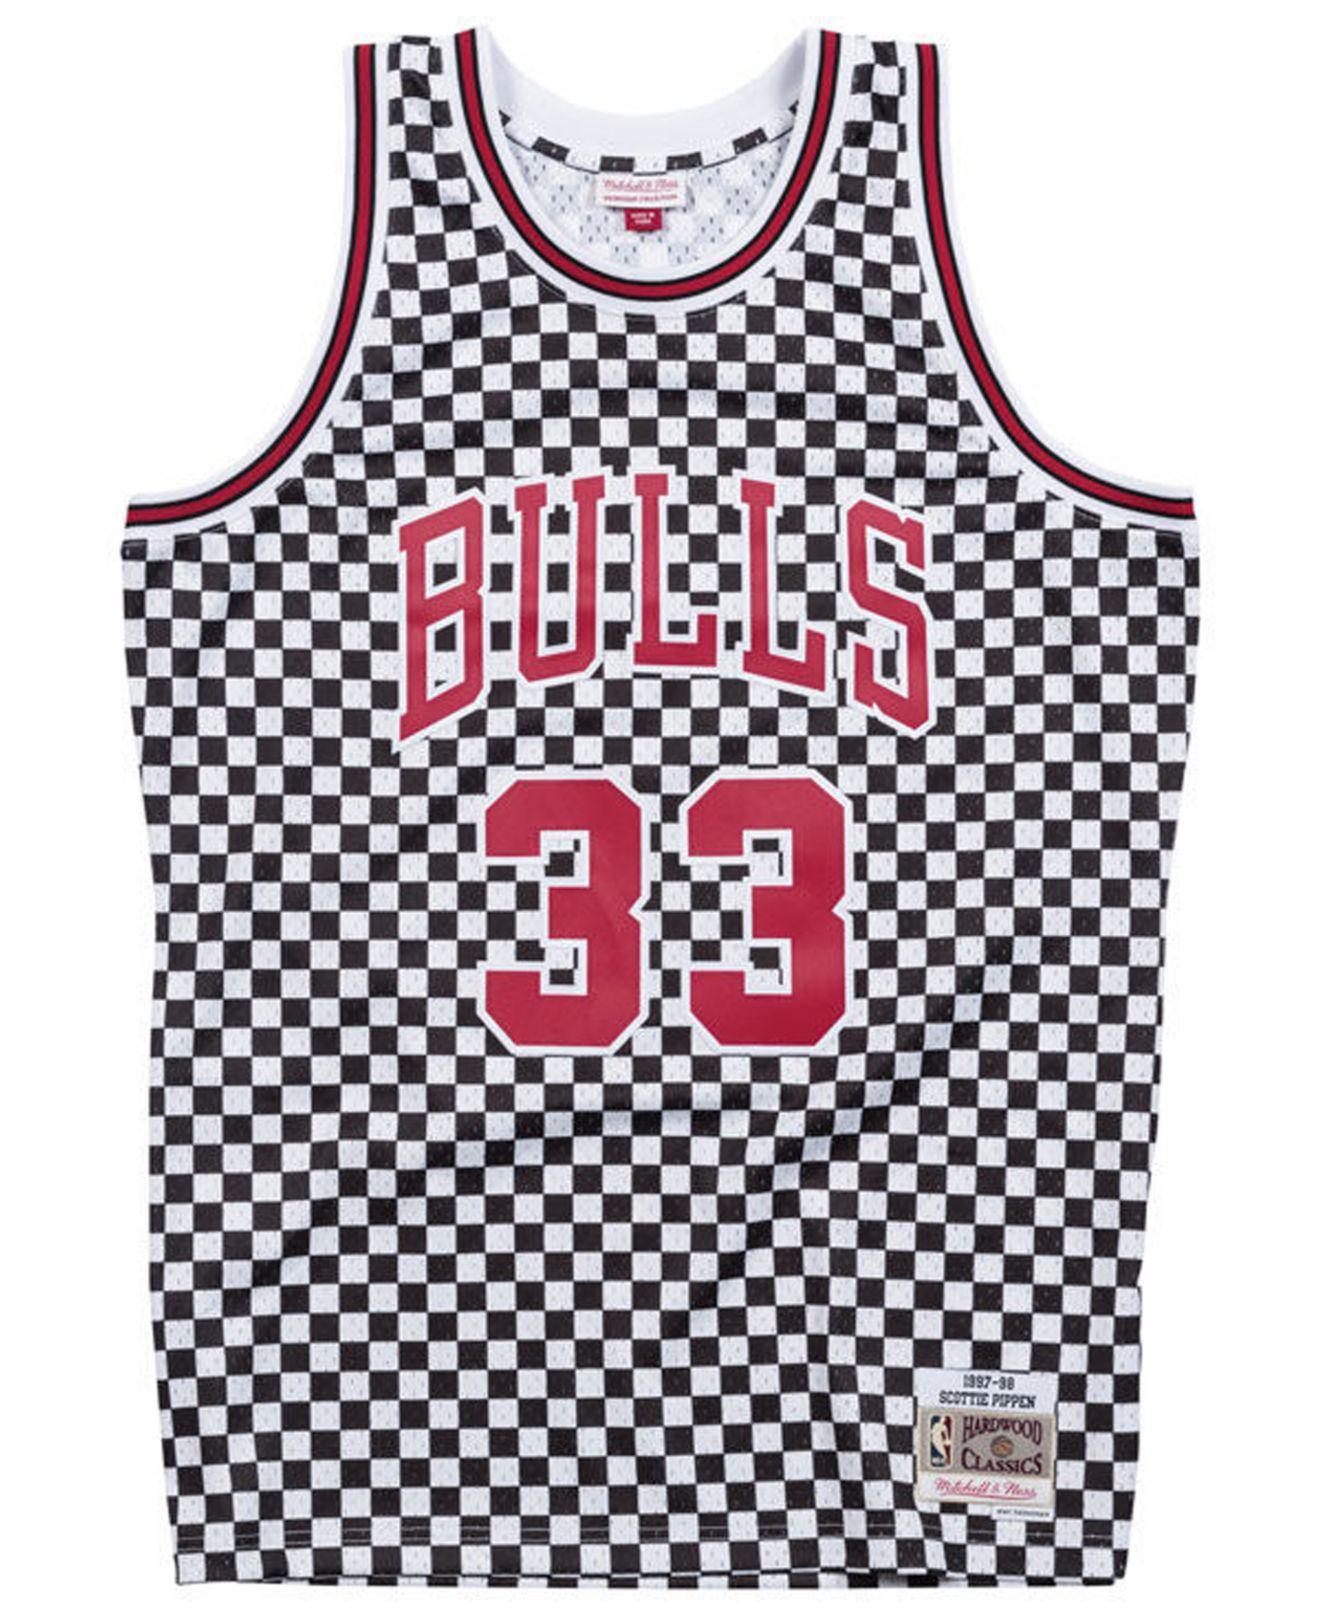 best website 9b752 7dccd Men's Red Scottie Pippen Chicago Bulls Checkerboard Swingman Jersey